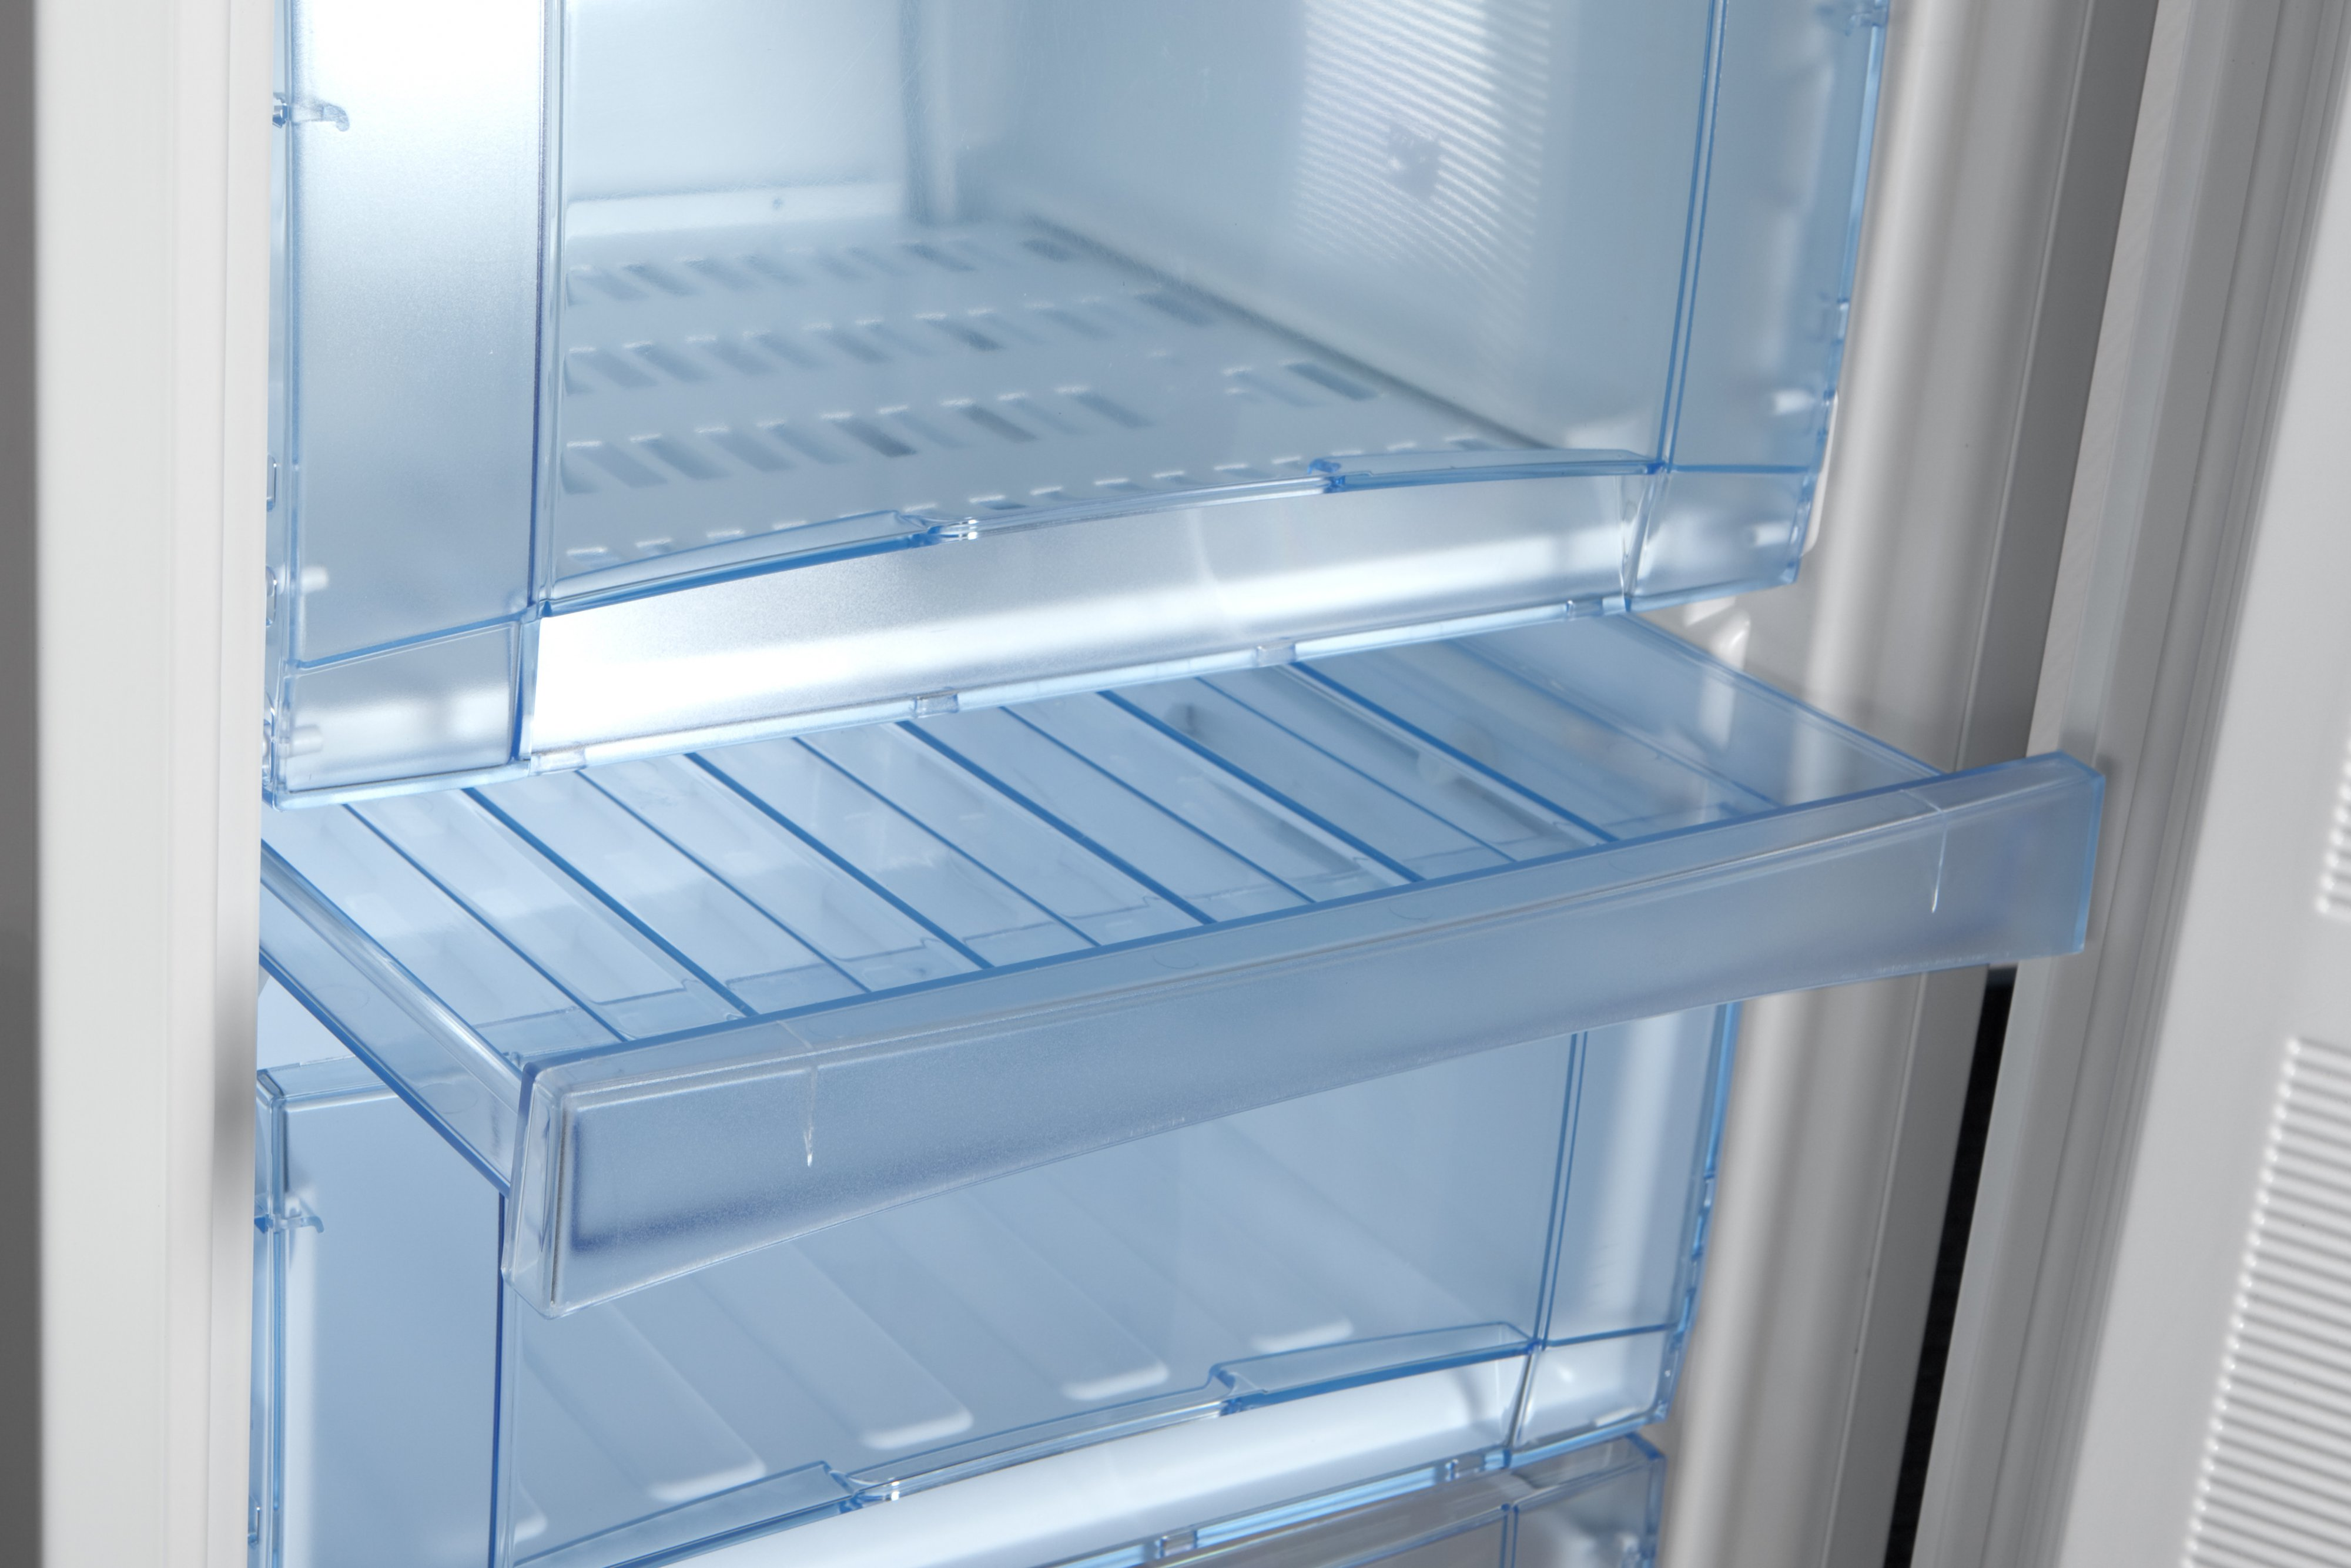 Запасайся вкусностями на круглый год_выбираем морозилку для фруктов - морозильная камера внутри